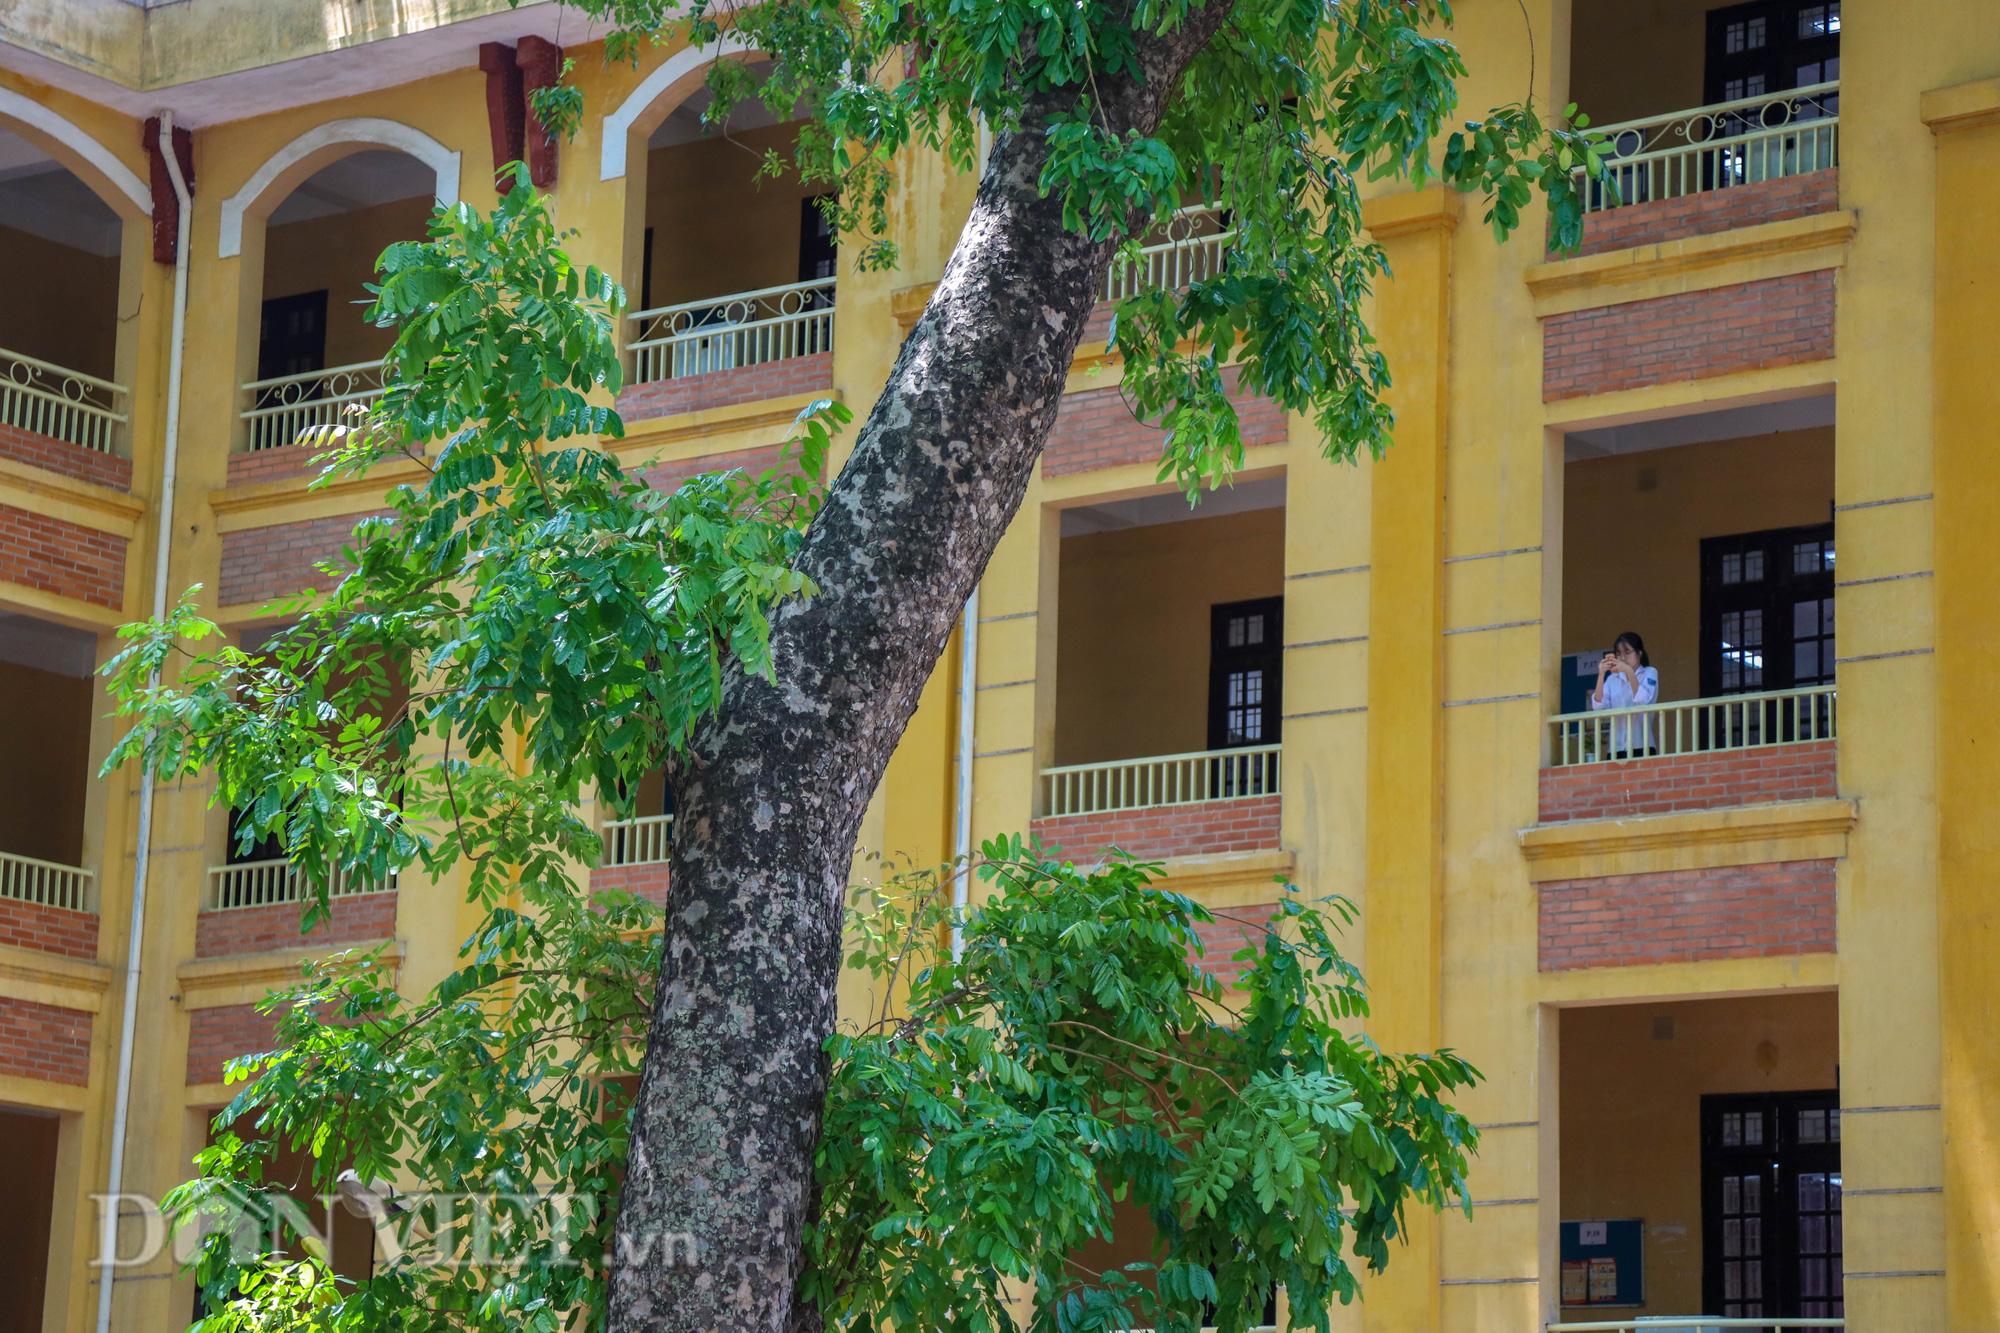 Học sinh Hà Nội không hề lo sợ dù ngồi giữa sân trường đầy cây cổ thụ - Ảnh 6.